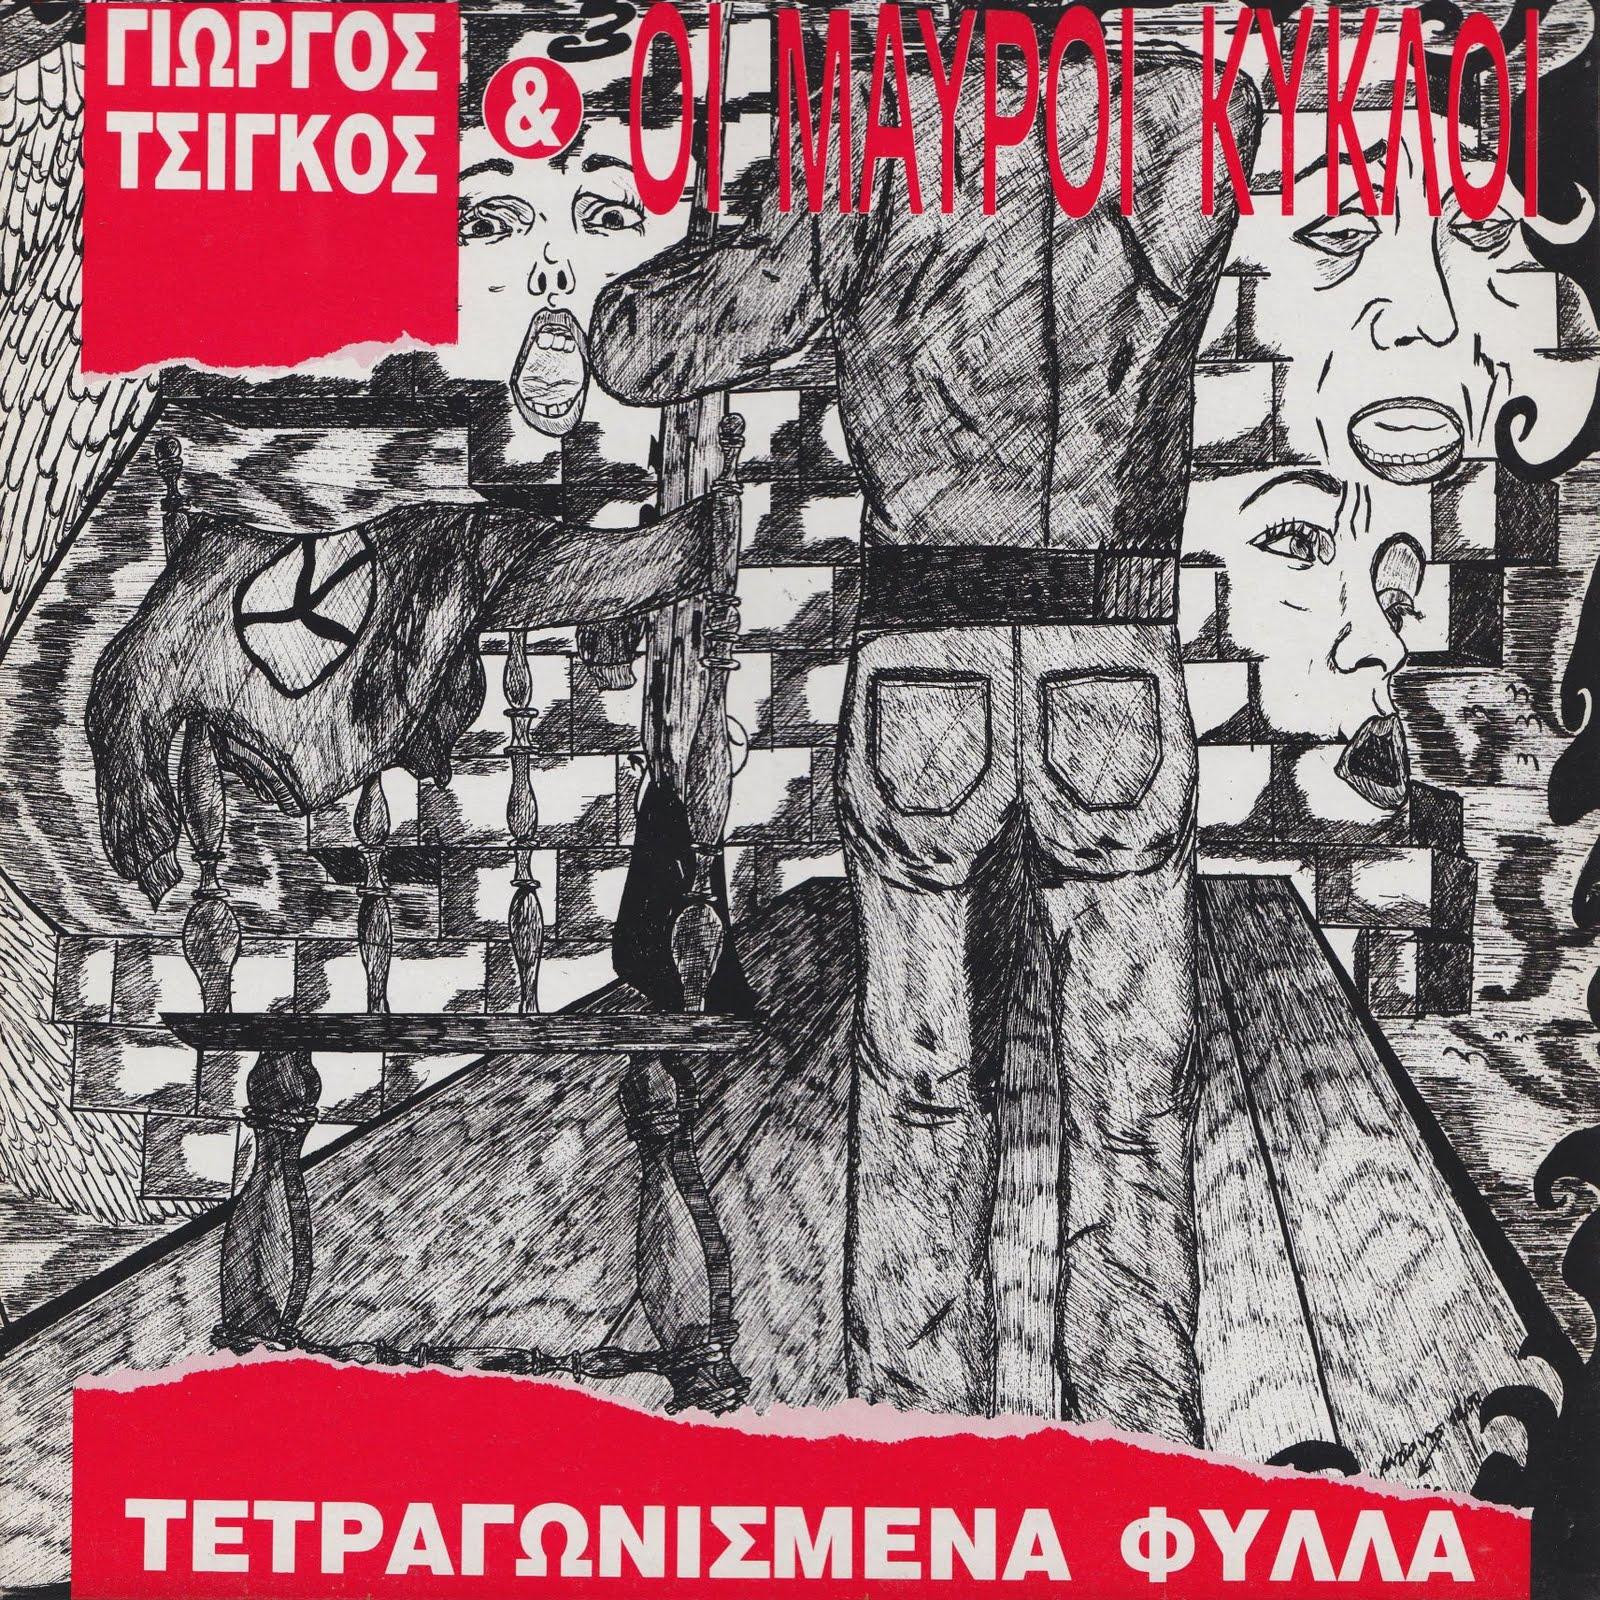 Γιώργος Τσίγκος & Οι Μαύροι Κύκλοι - Tango Βατράχων